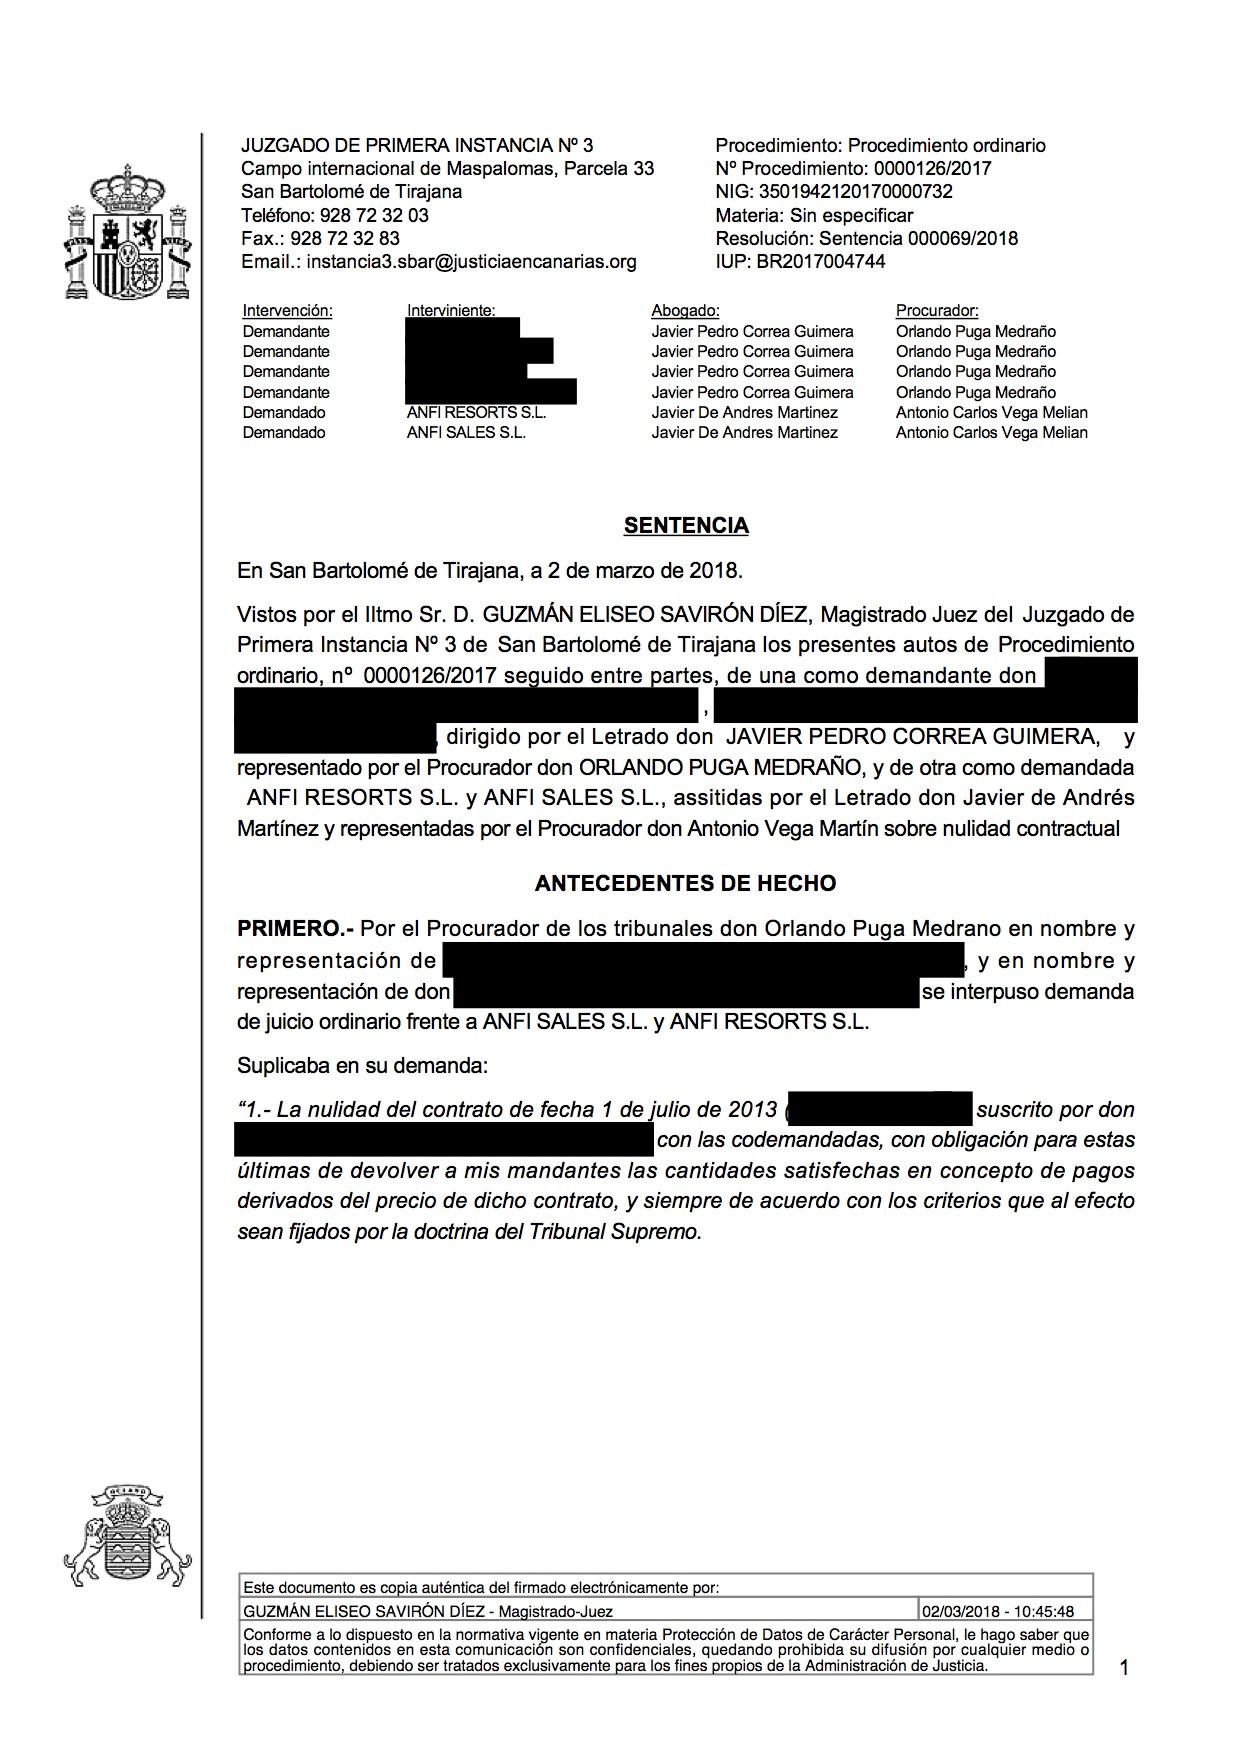 18-03-05 STEPHEN & THOMAS. Sentencia Primera Instancia. SBT3. Estimatoria integra con efectos y costas. Rechaza reconvención. Página 1.jpg